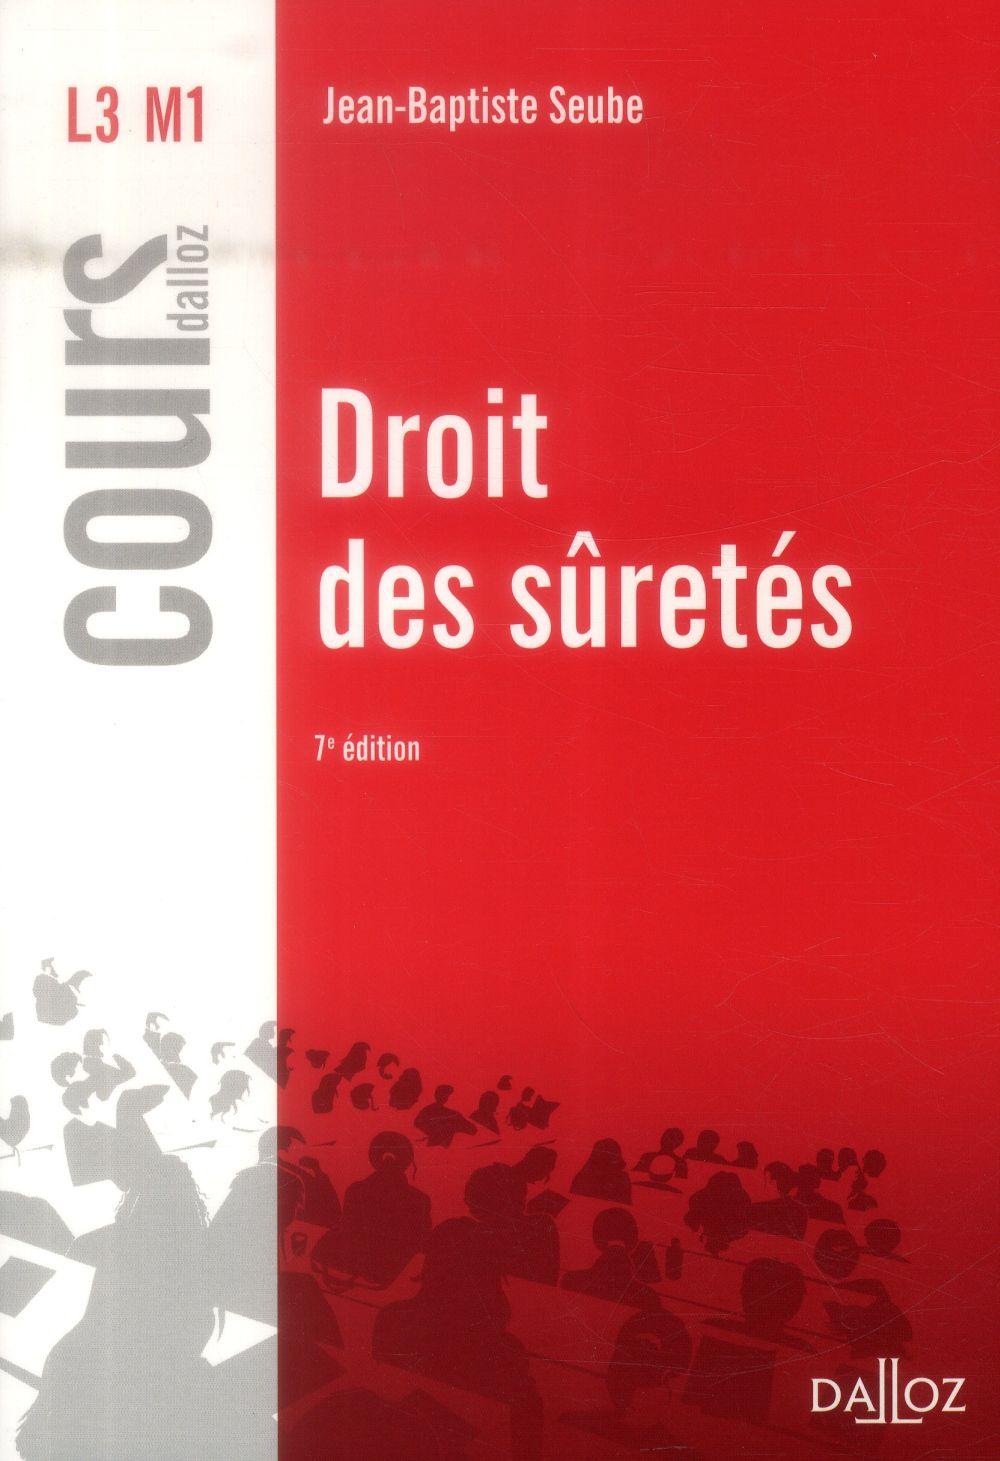 Droit Des Suretes (7e Edition)